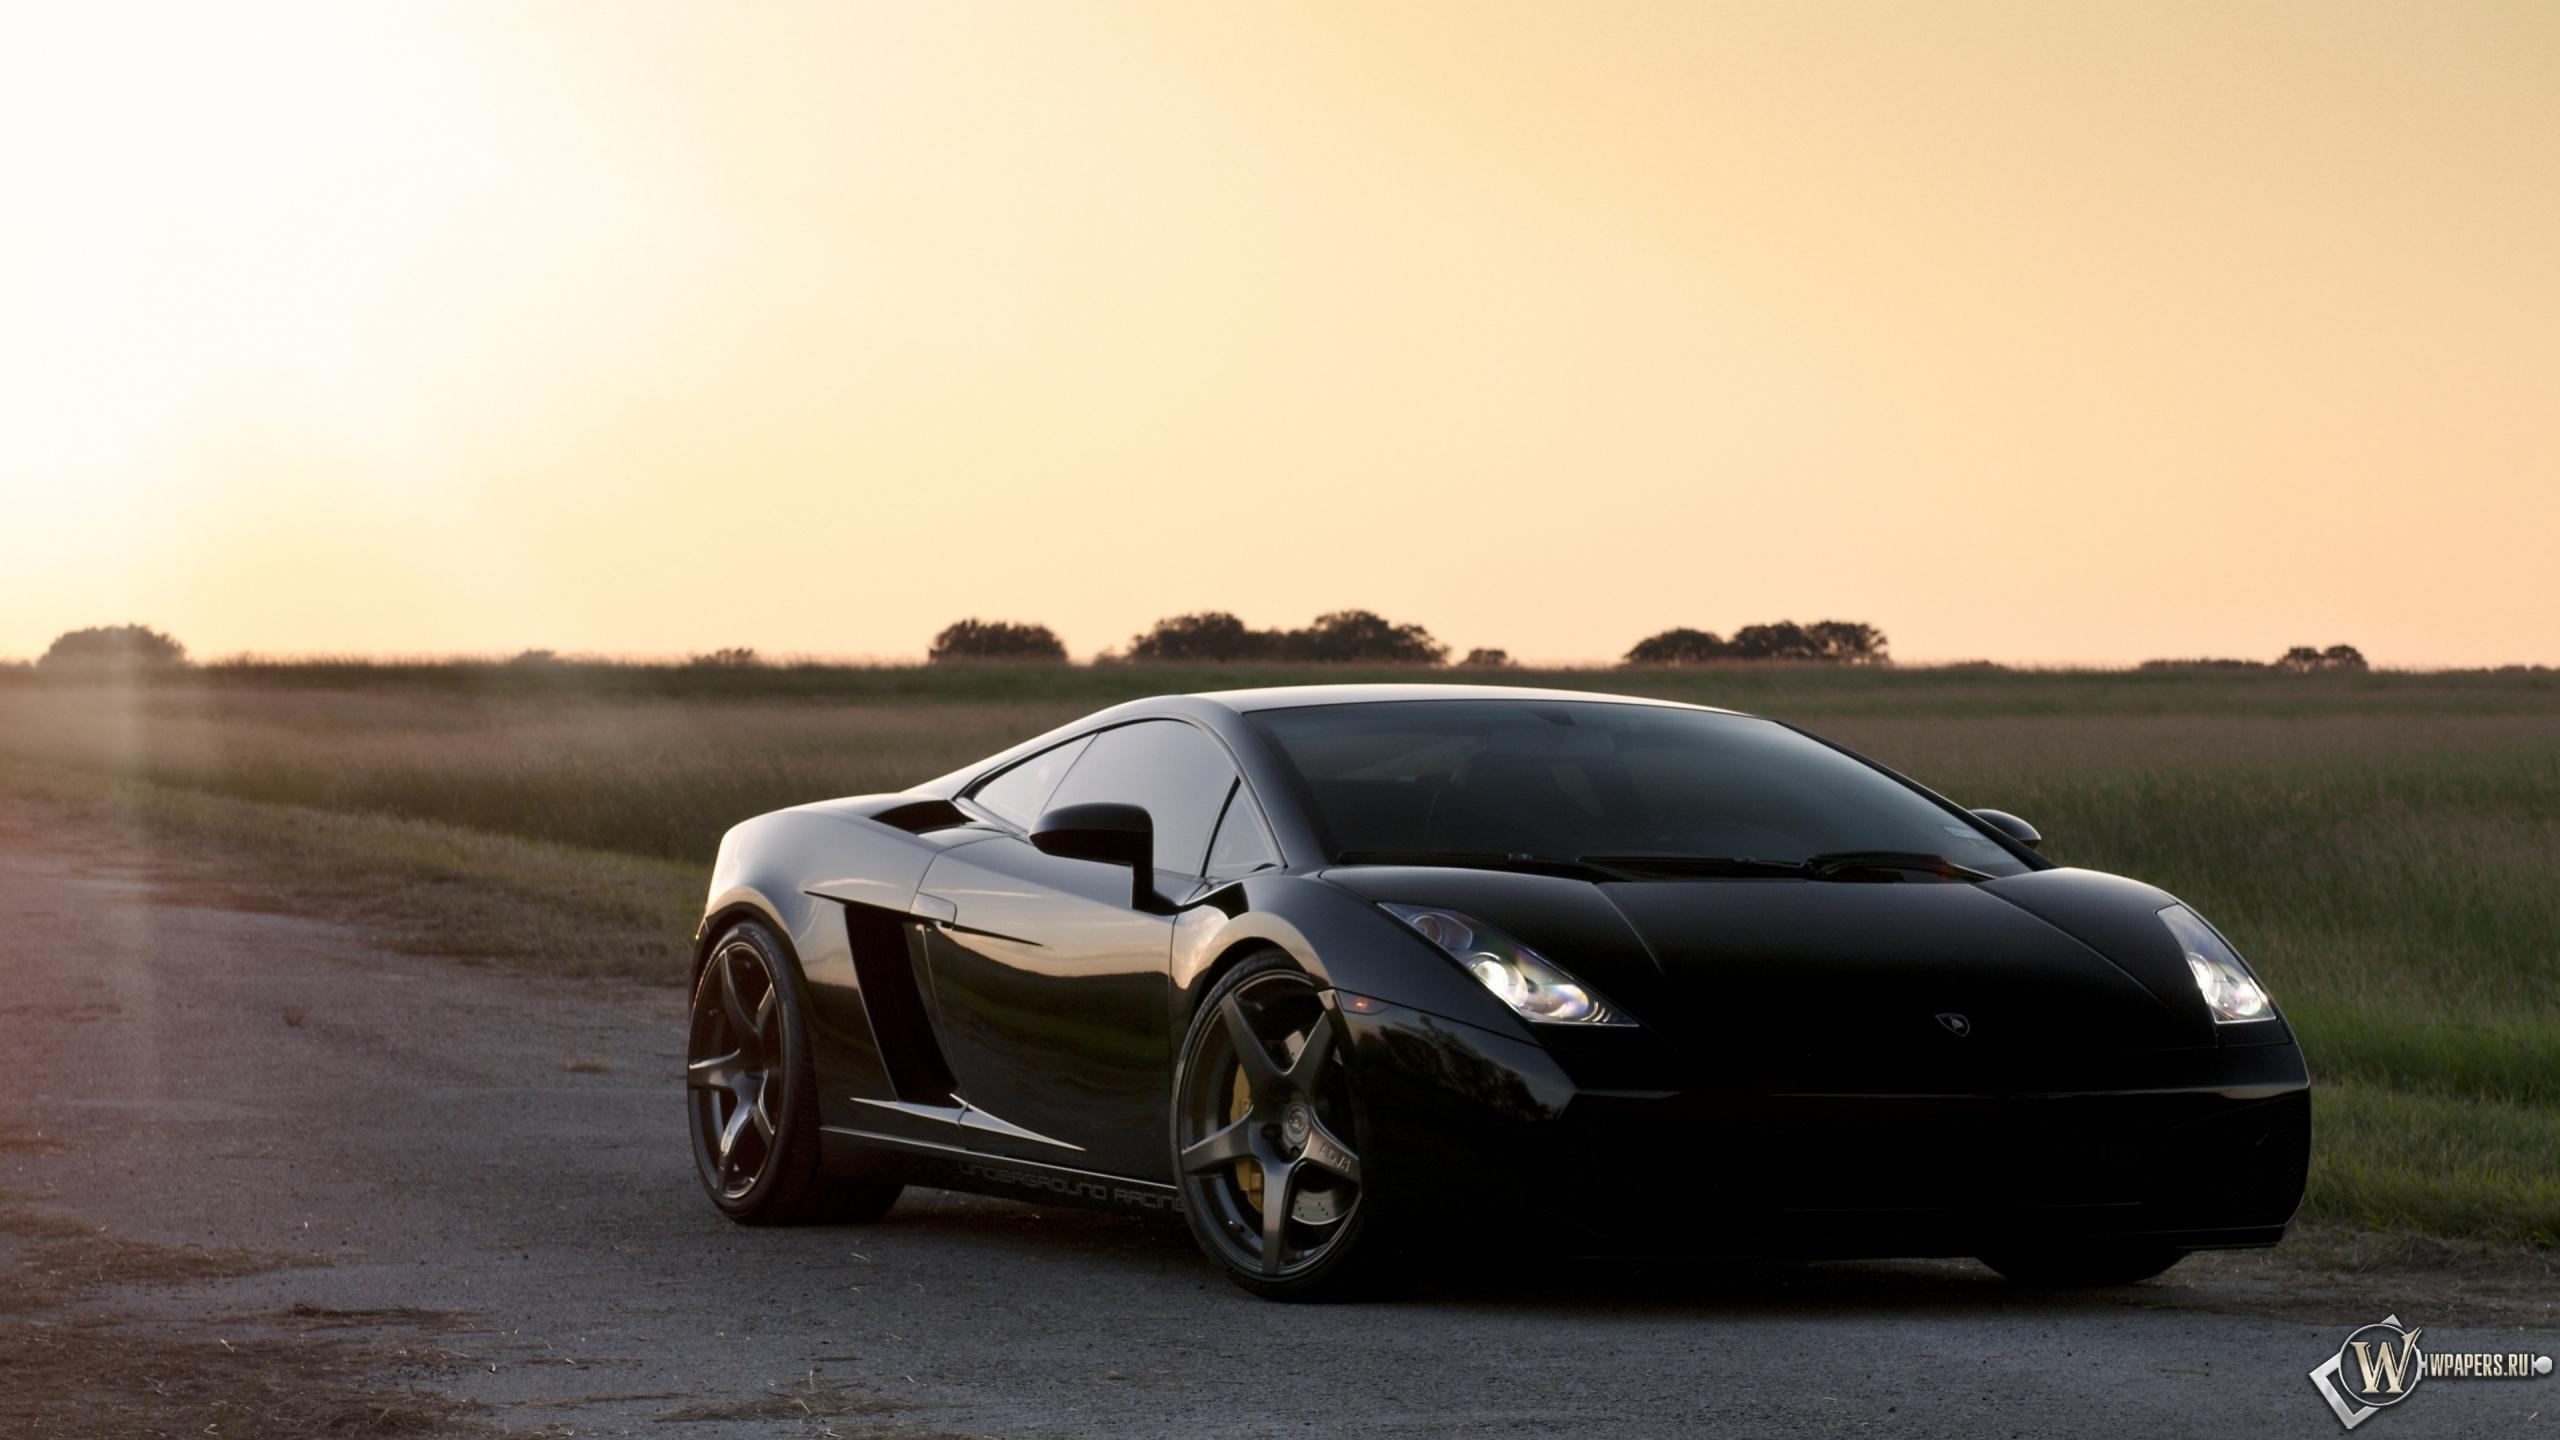 Lamborghini Gallardo 2560x1440